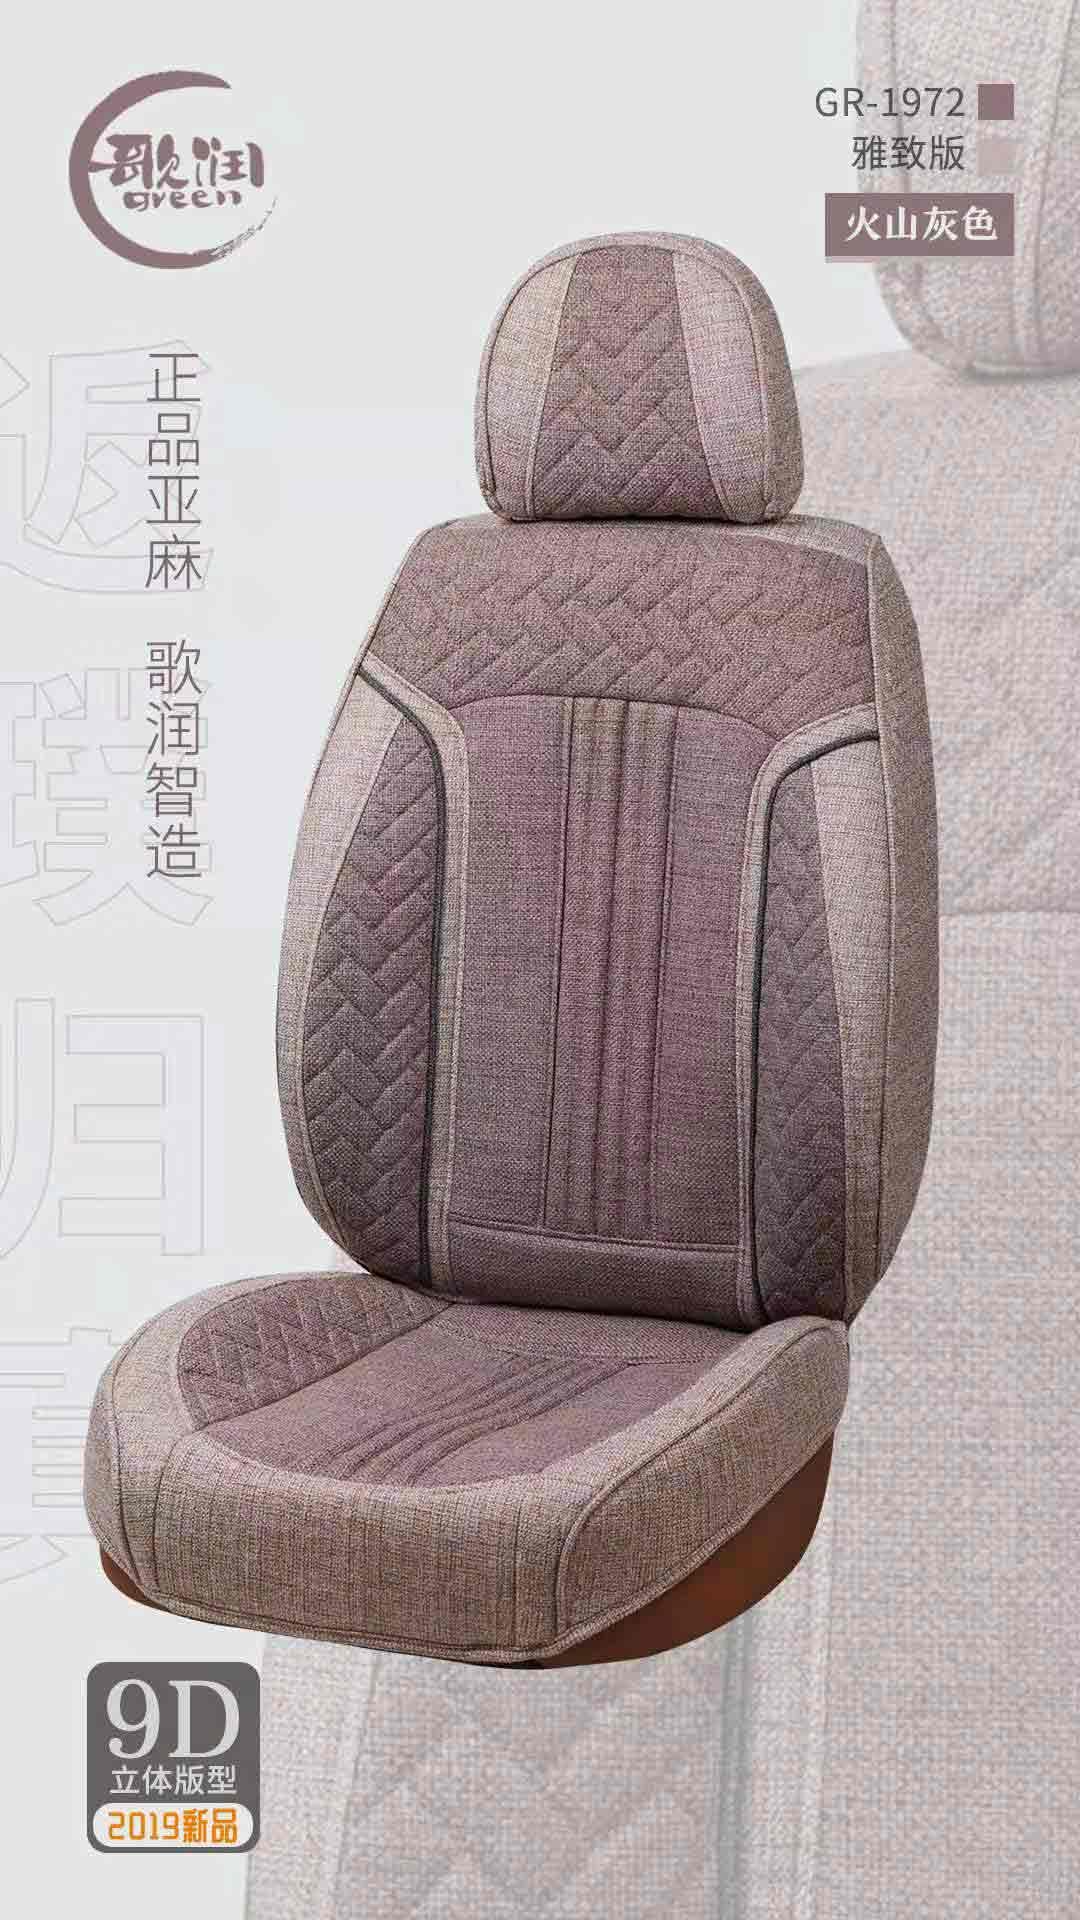 中卫汽车坐垫定做厂家,具有口碑的银川汽车坐垫推荐